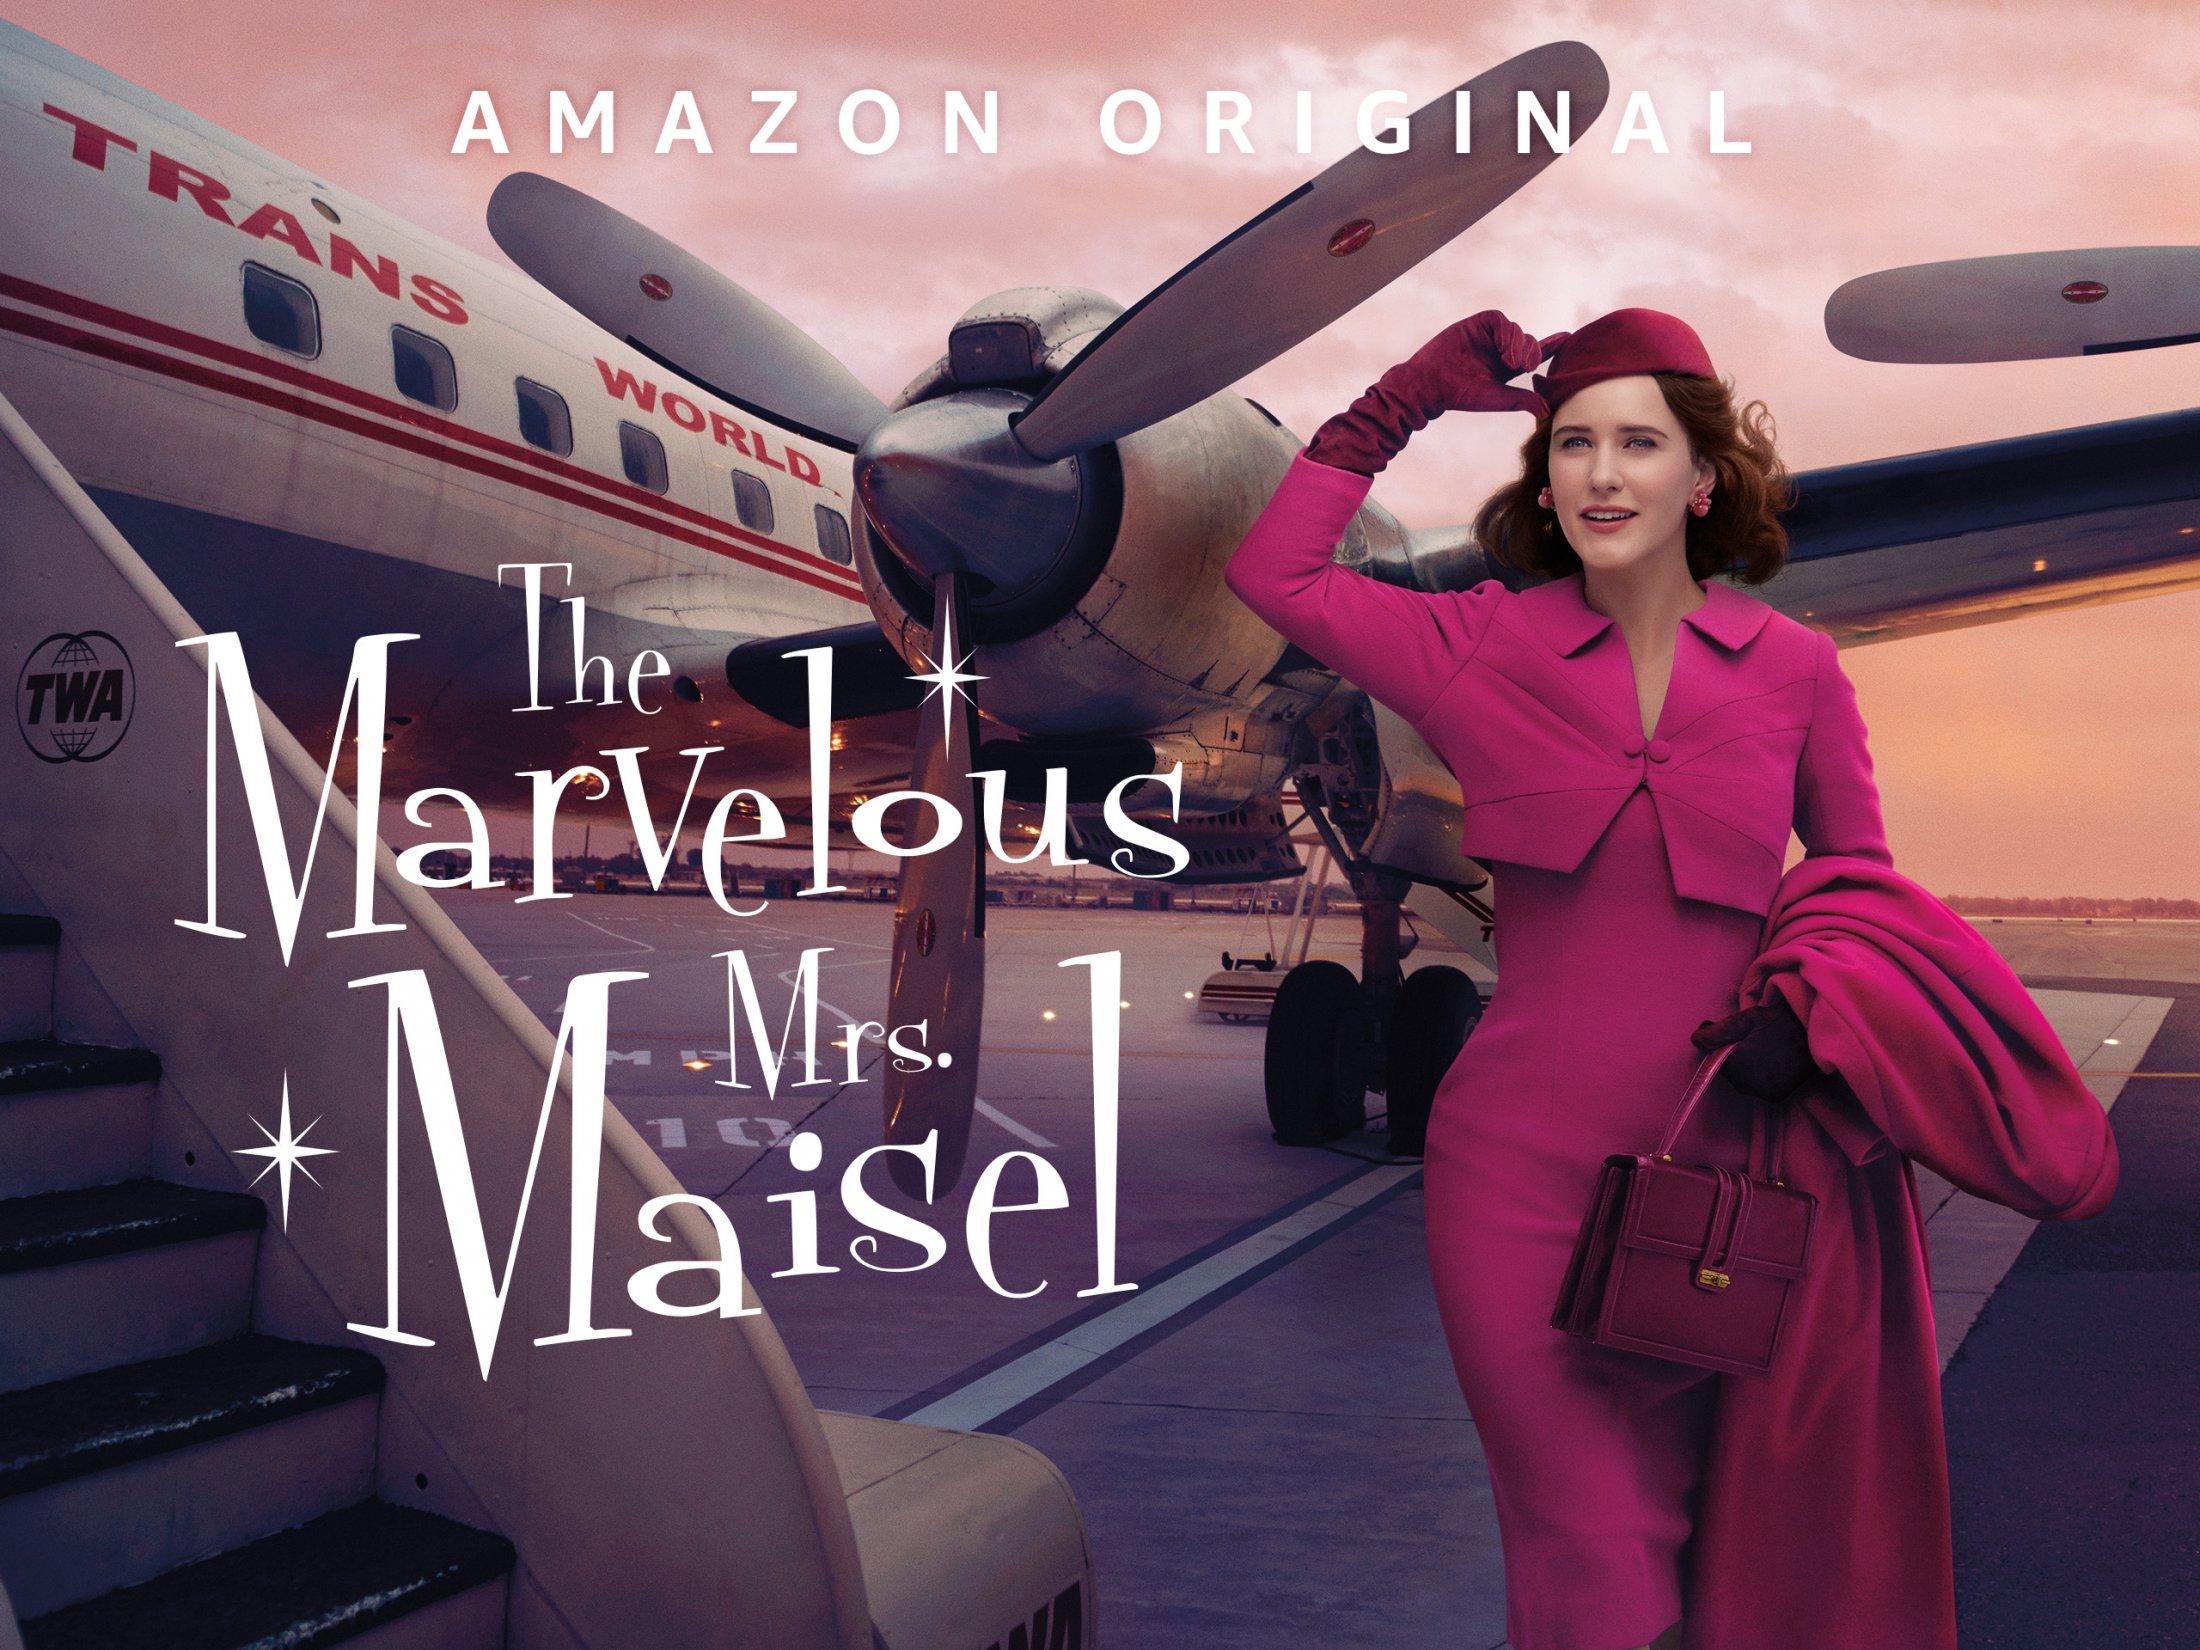 Thumbnail for The Marvelous Mrs. Maisel - Season 3 Trailer